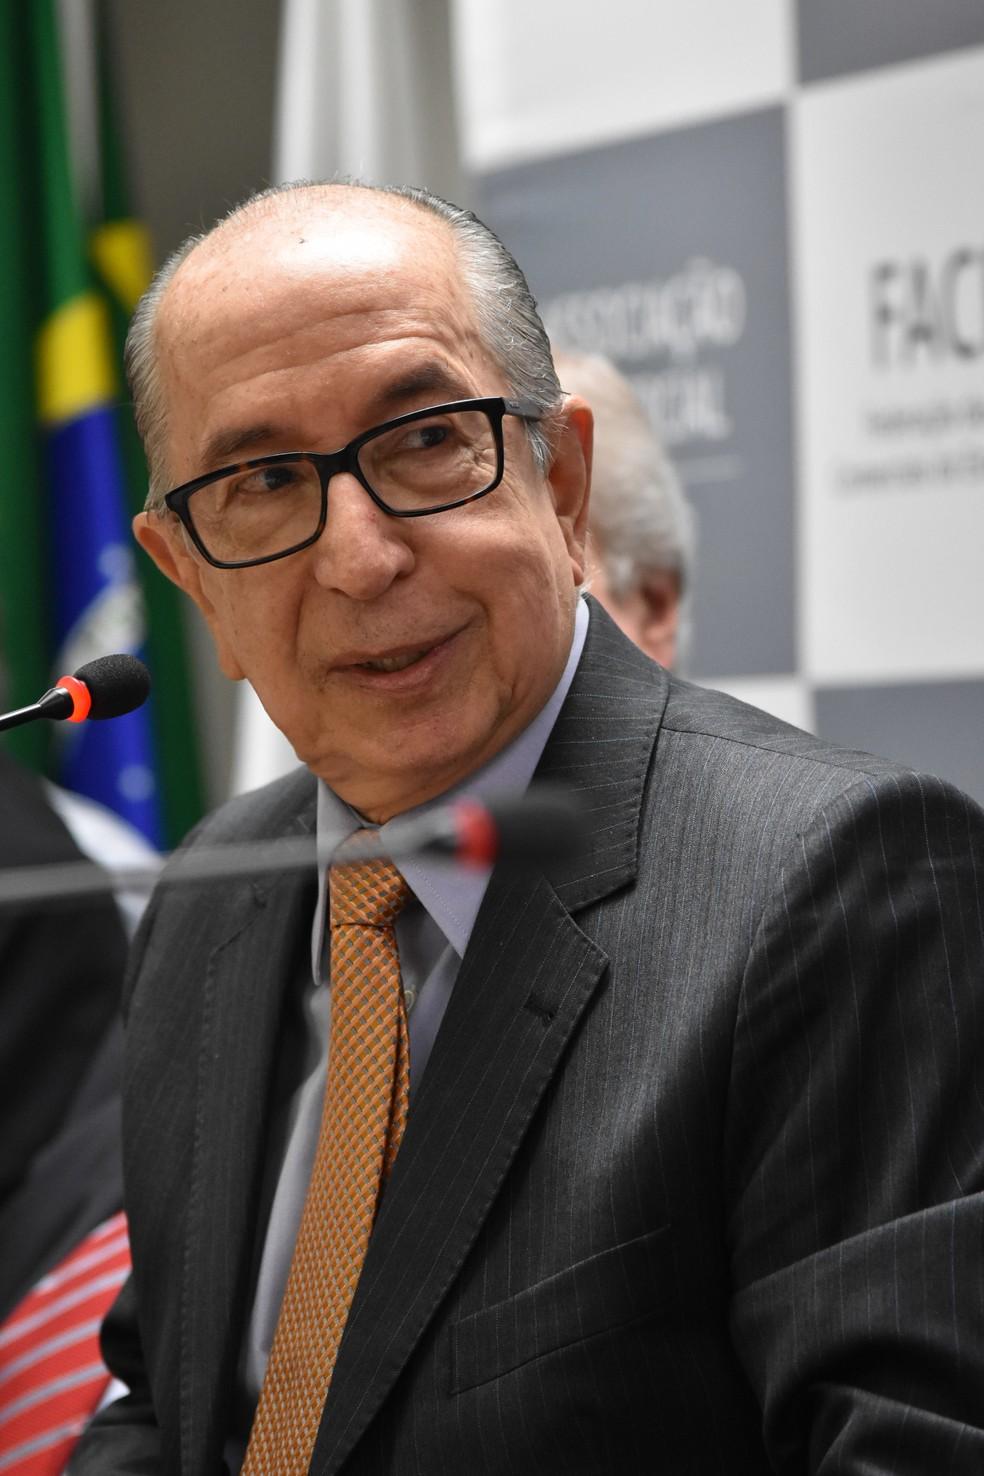 Palestra sobre Reforma Tributária com Marcos Cintra, ex-secretário da Receita Federal, na Associação Comercial de São Paulo em 12 de agosto — Foto: ROBERTO CASIMIRO/FOTOARENA/FOTOARENA/ESTADÃO CONTEÚDO